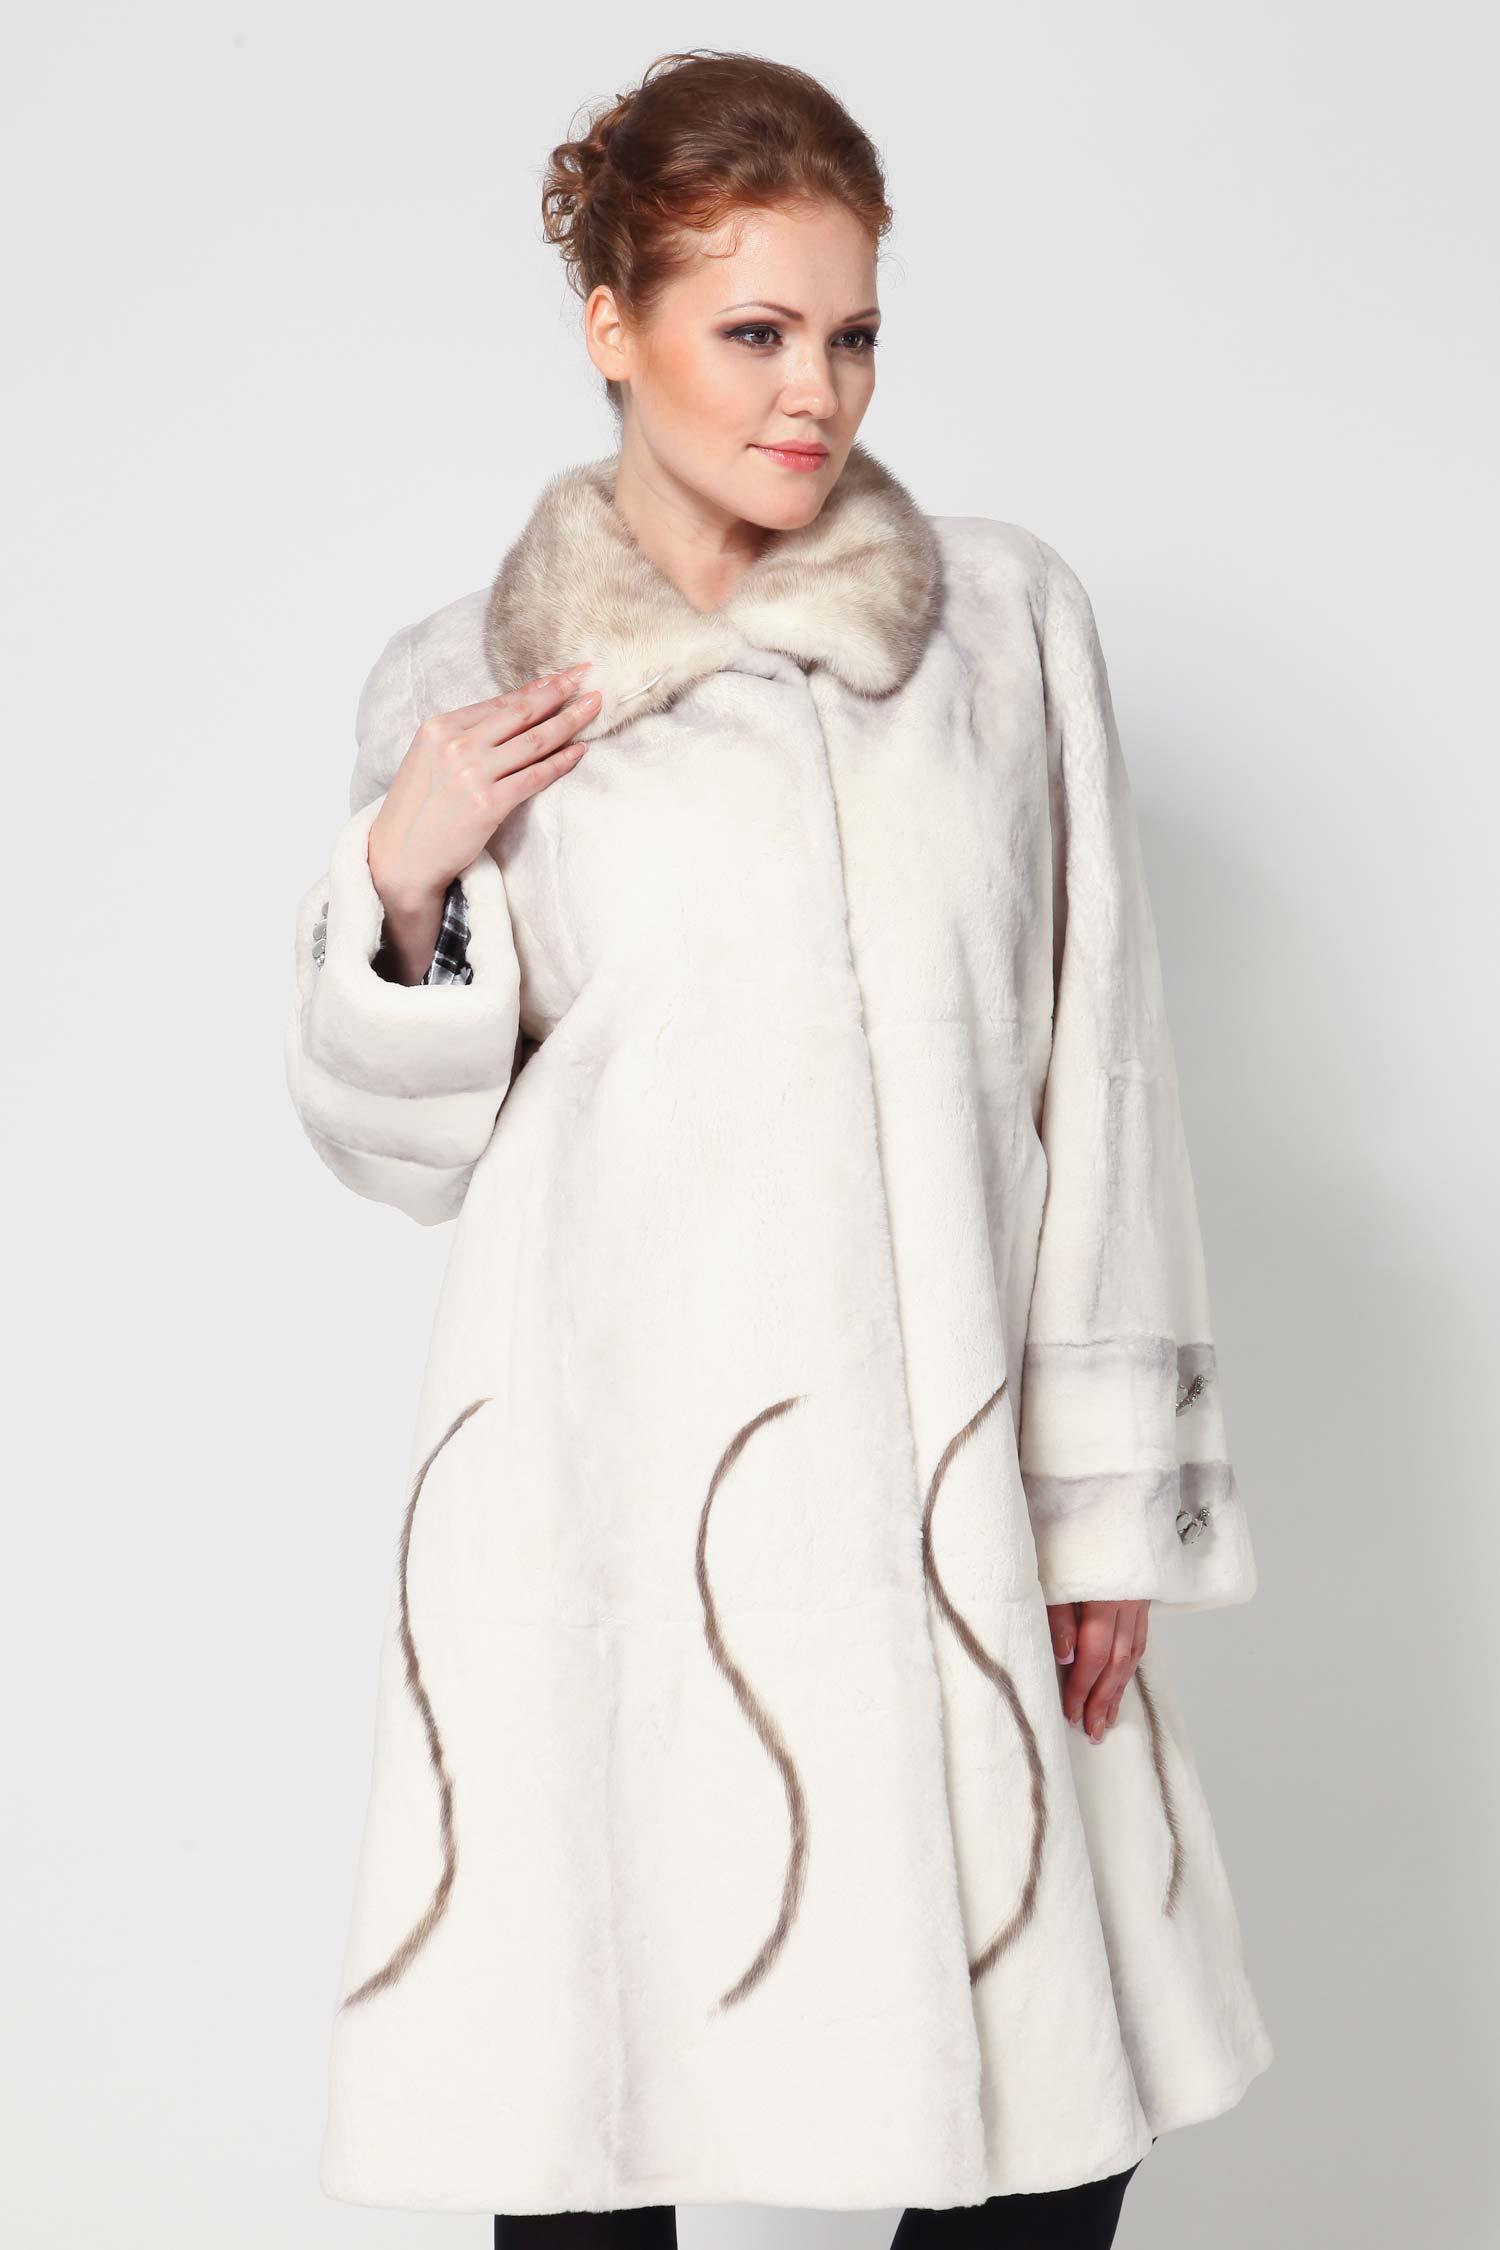 Пальто из кролика рекс с воротником, отделка норка<br><br>Воротник: Стойка<br>Длина см: 105<br>Цвет: Белый<br>Вид застежки: Норка<br>Пол: Женский<br>Размер RU: 56